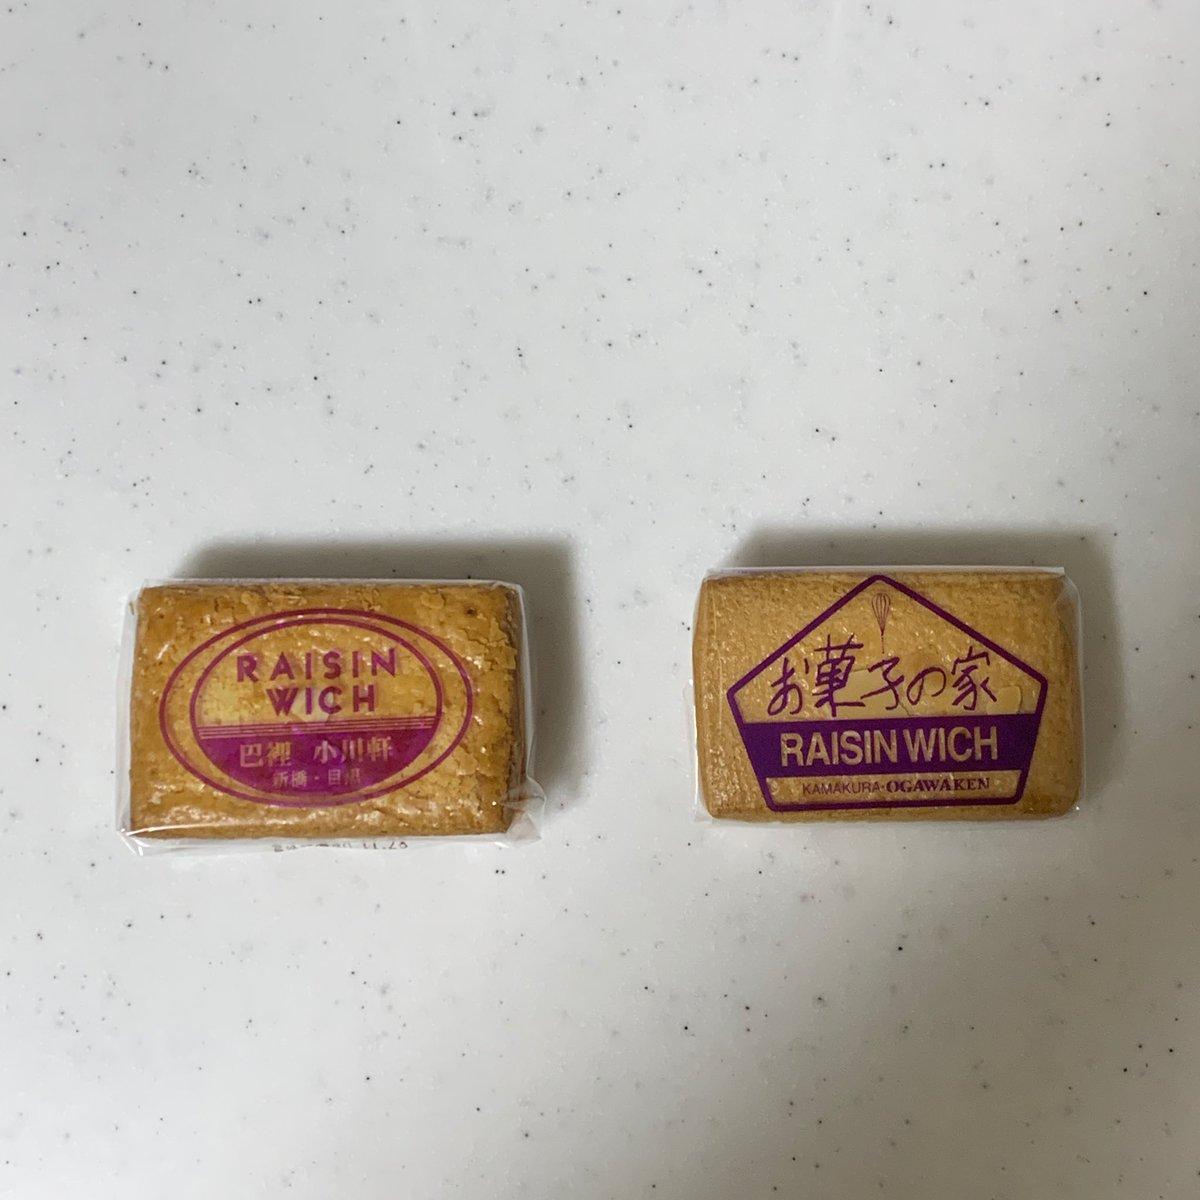 test ツイッターメディア - 小川軒のレーズンウィッチが大好物なんですが、小川軒は暖簾分けで、 『代官山』 『学芸大学』 『お茶の水』 『鎌倉』 があって各店、味もパッケージも違います。(とりあえず持ってる写真上げます。代官山が無い) 知ってましたか? 僕はやっぱり学芸大学が好きです。 皆さんはどちら派? https://t.co/4eH53UmP9B